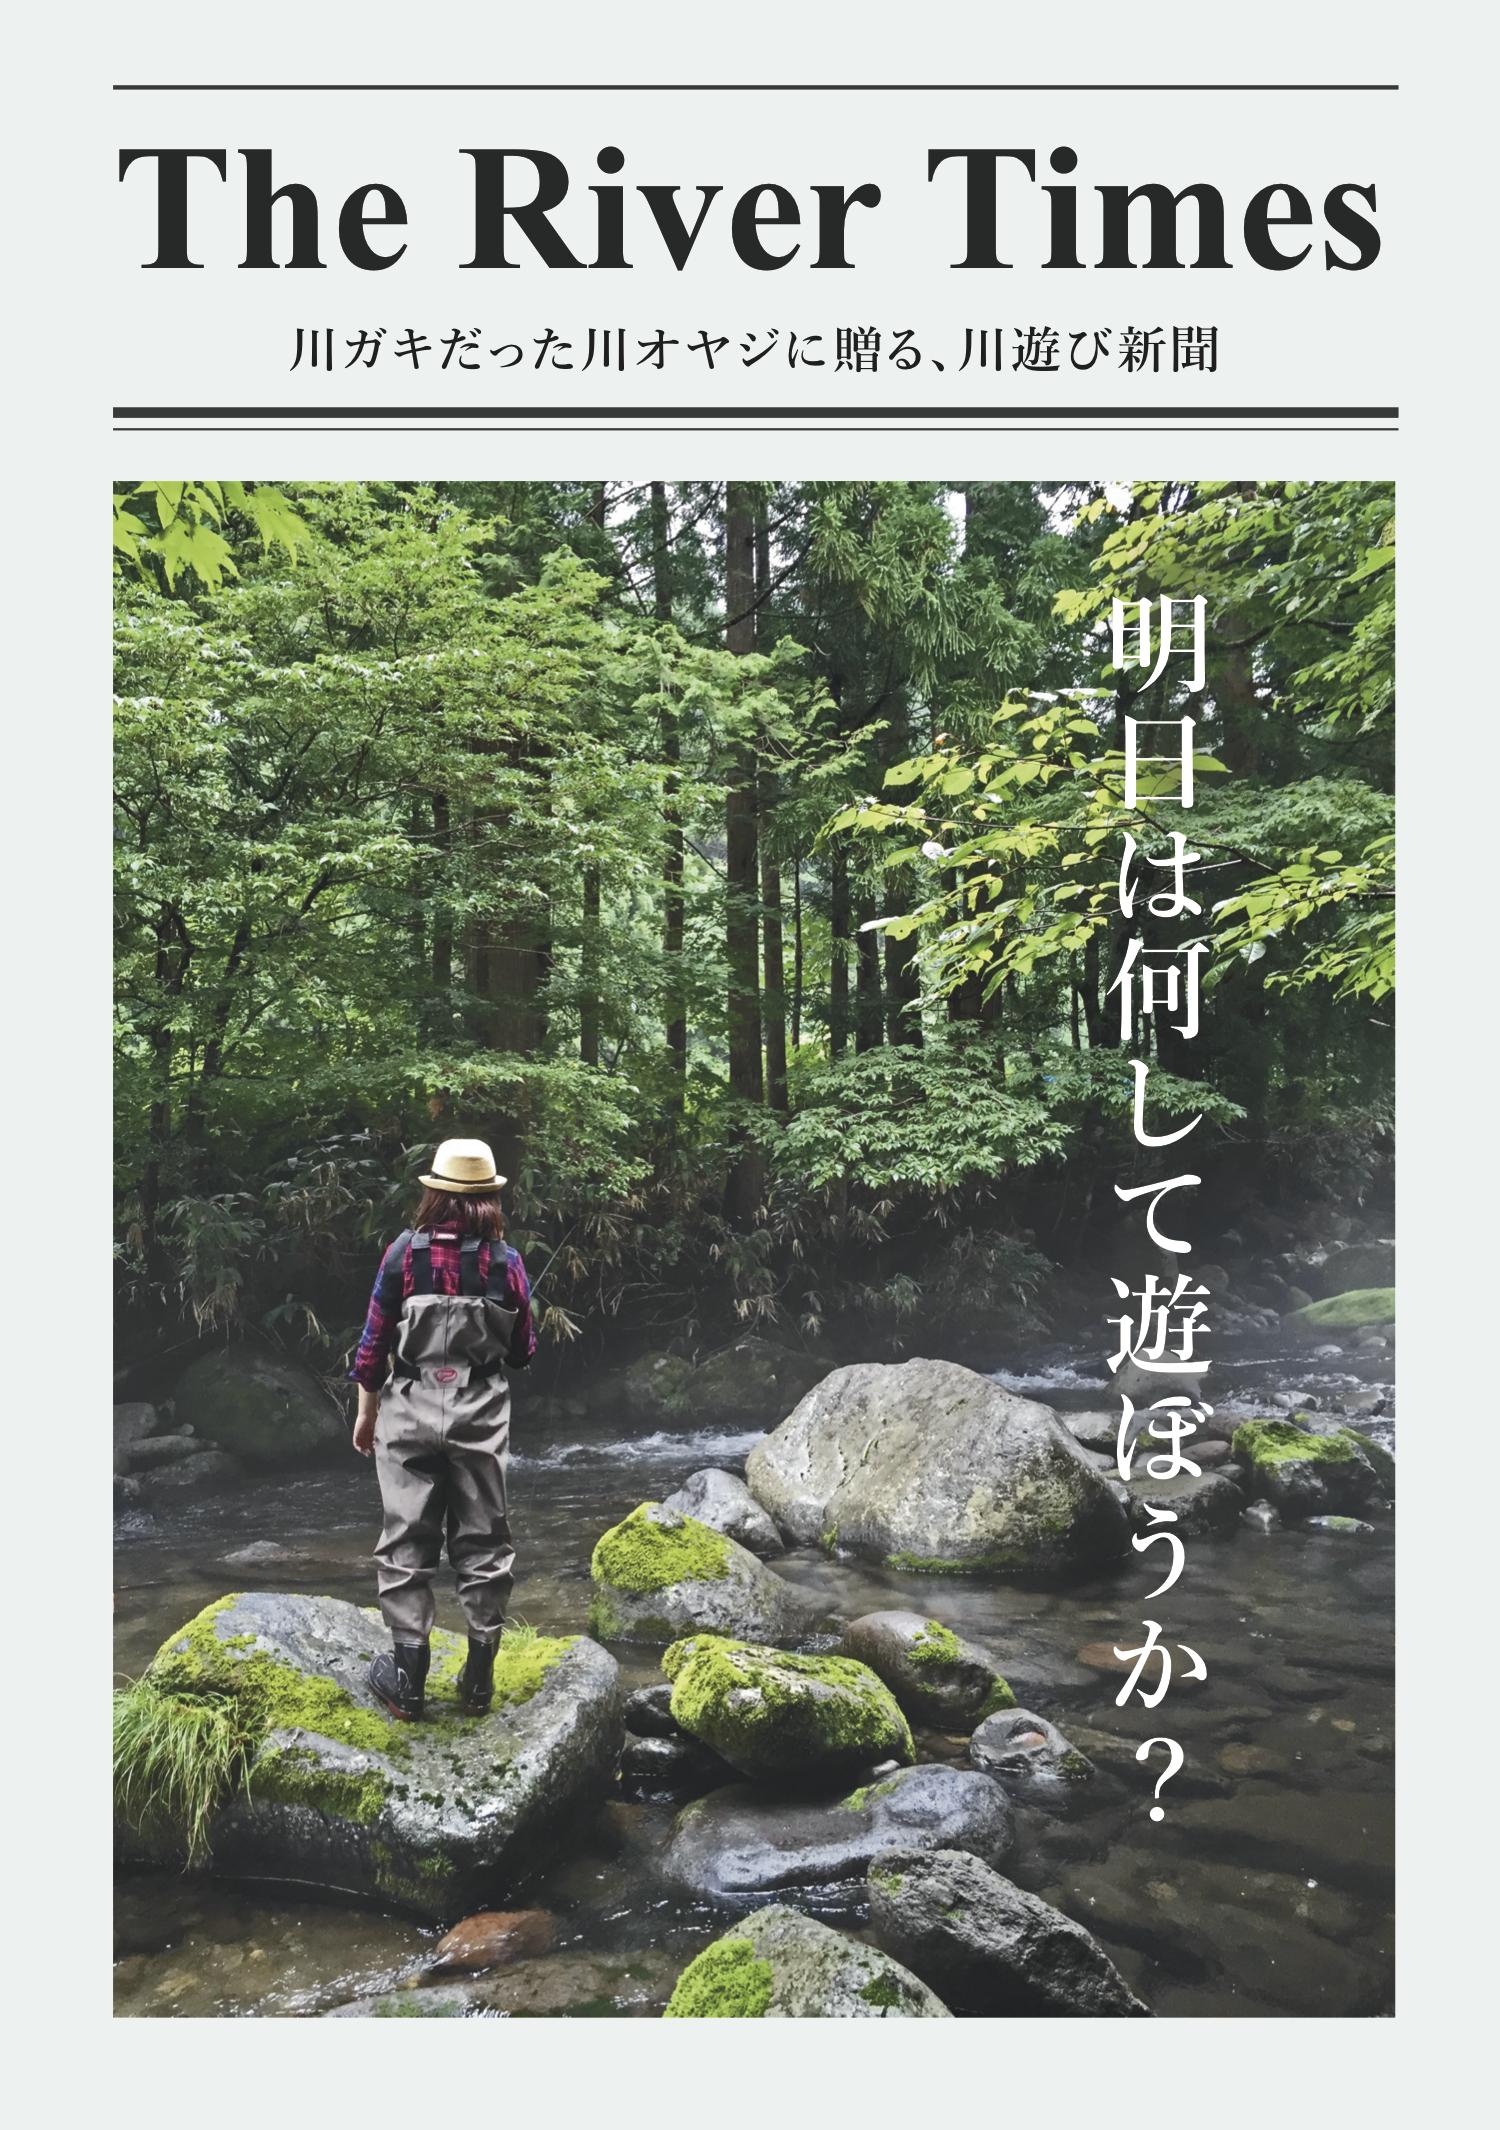 川遊び新聞『The River Times』発刊しました。